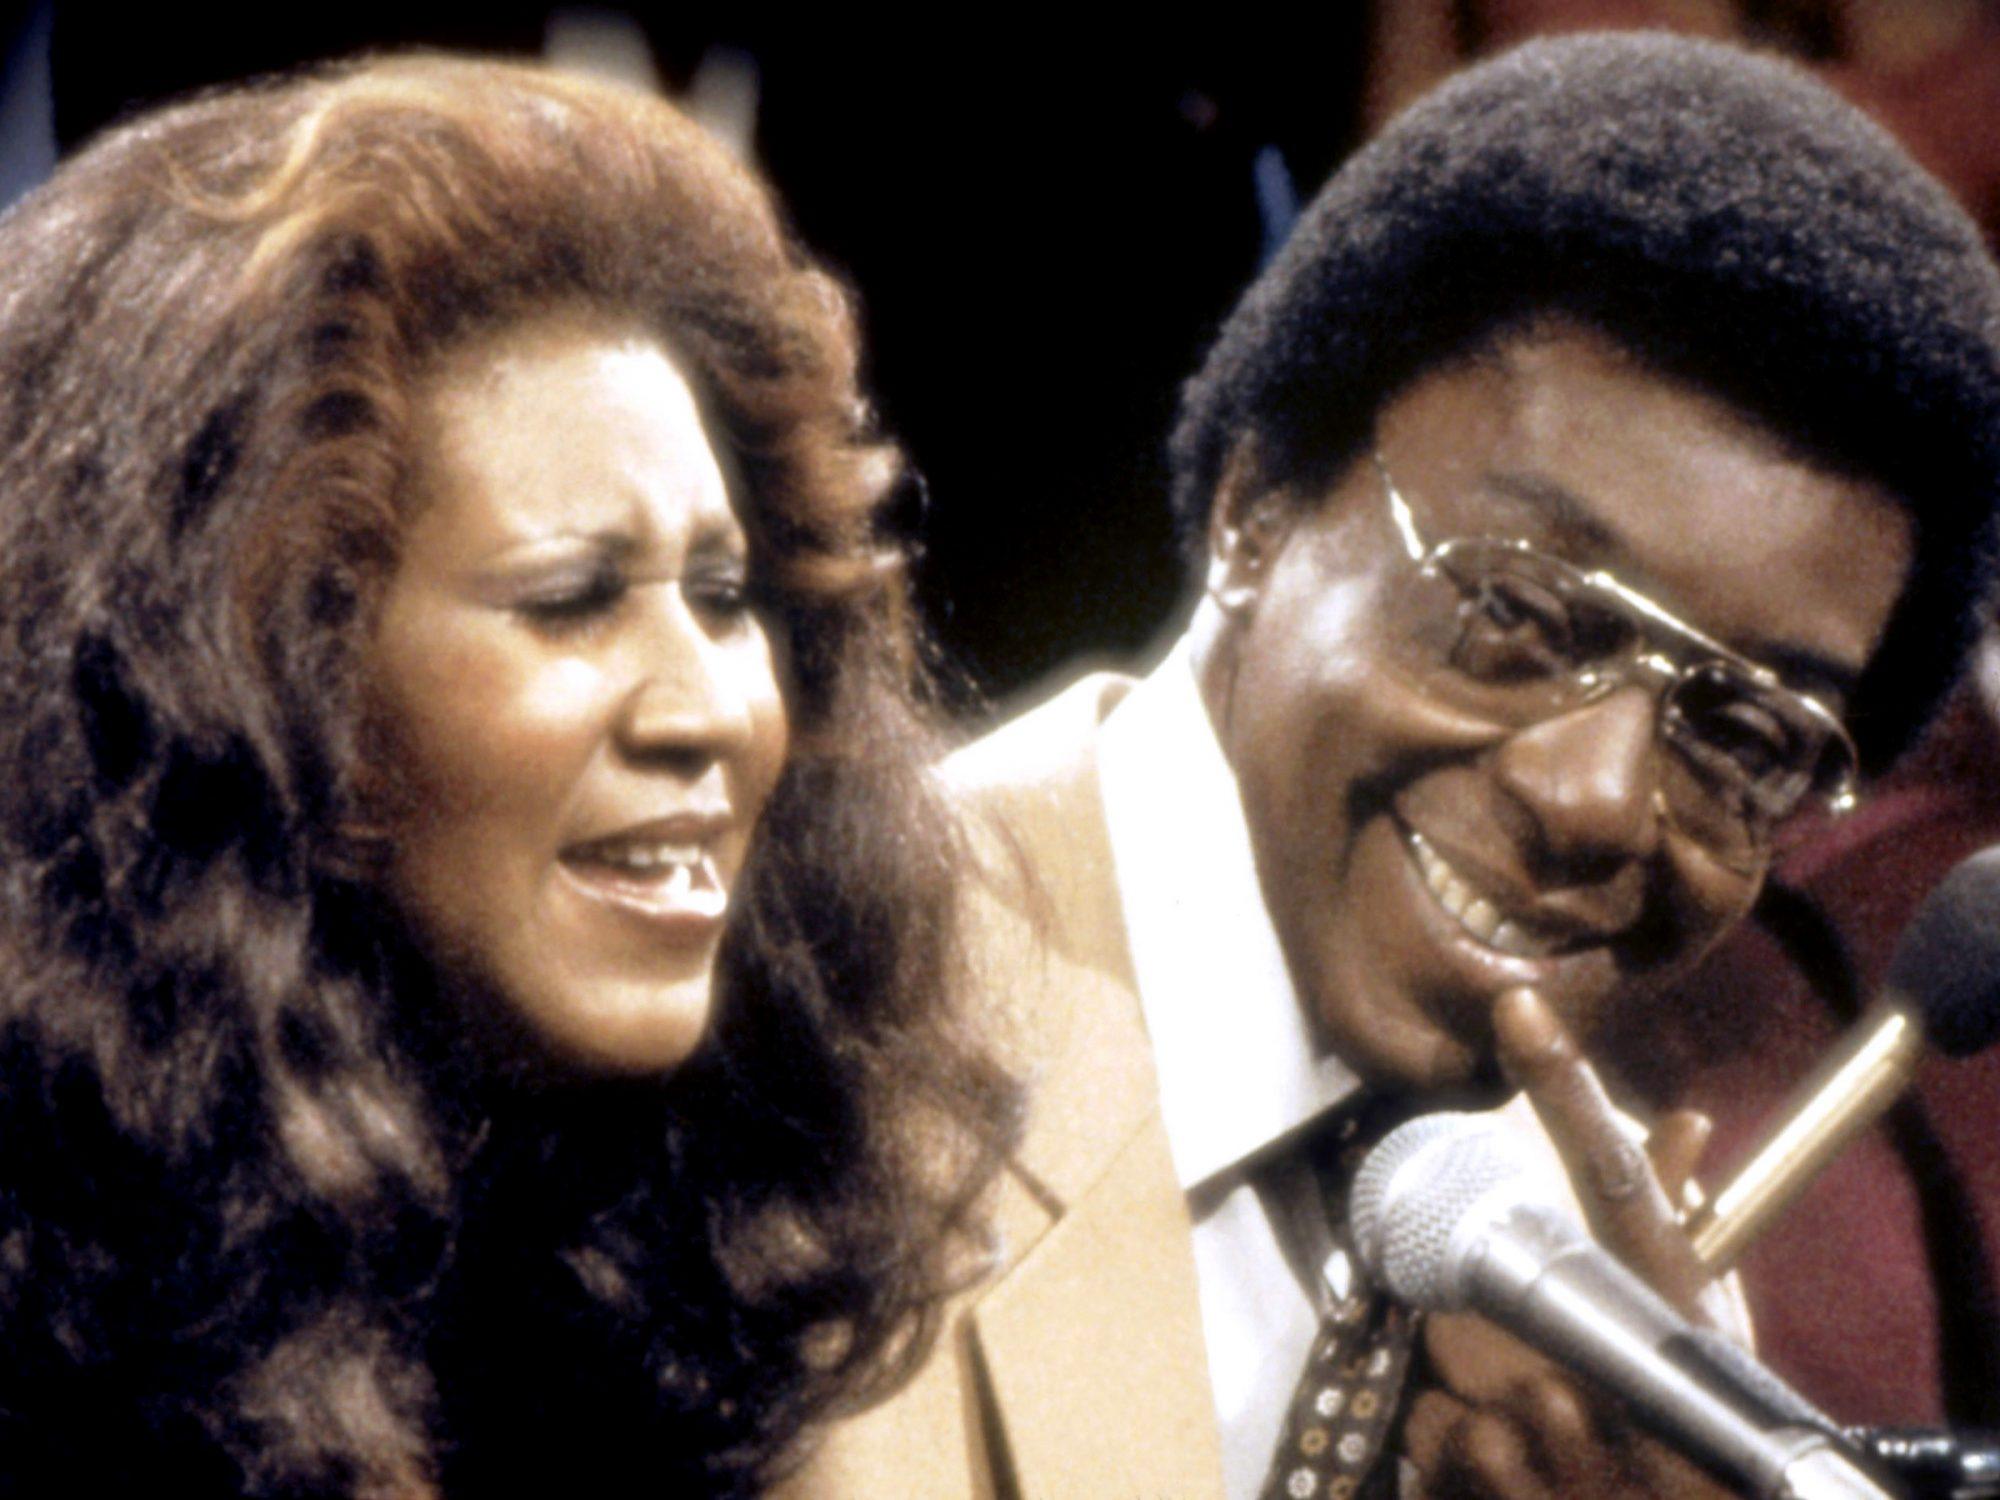 SOUL TRAIN, from left: Aretha Franklin, Don Cornelius, 1971-present